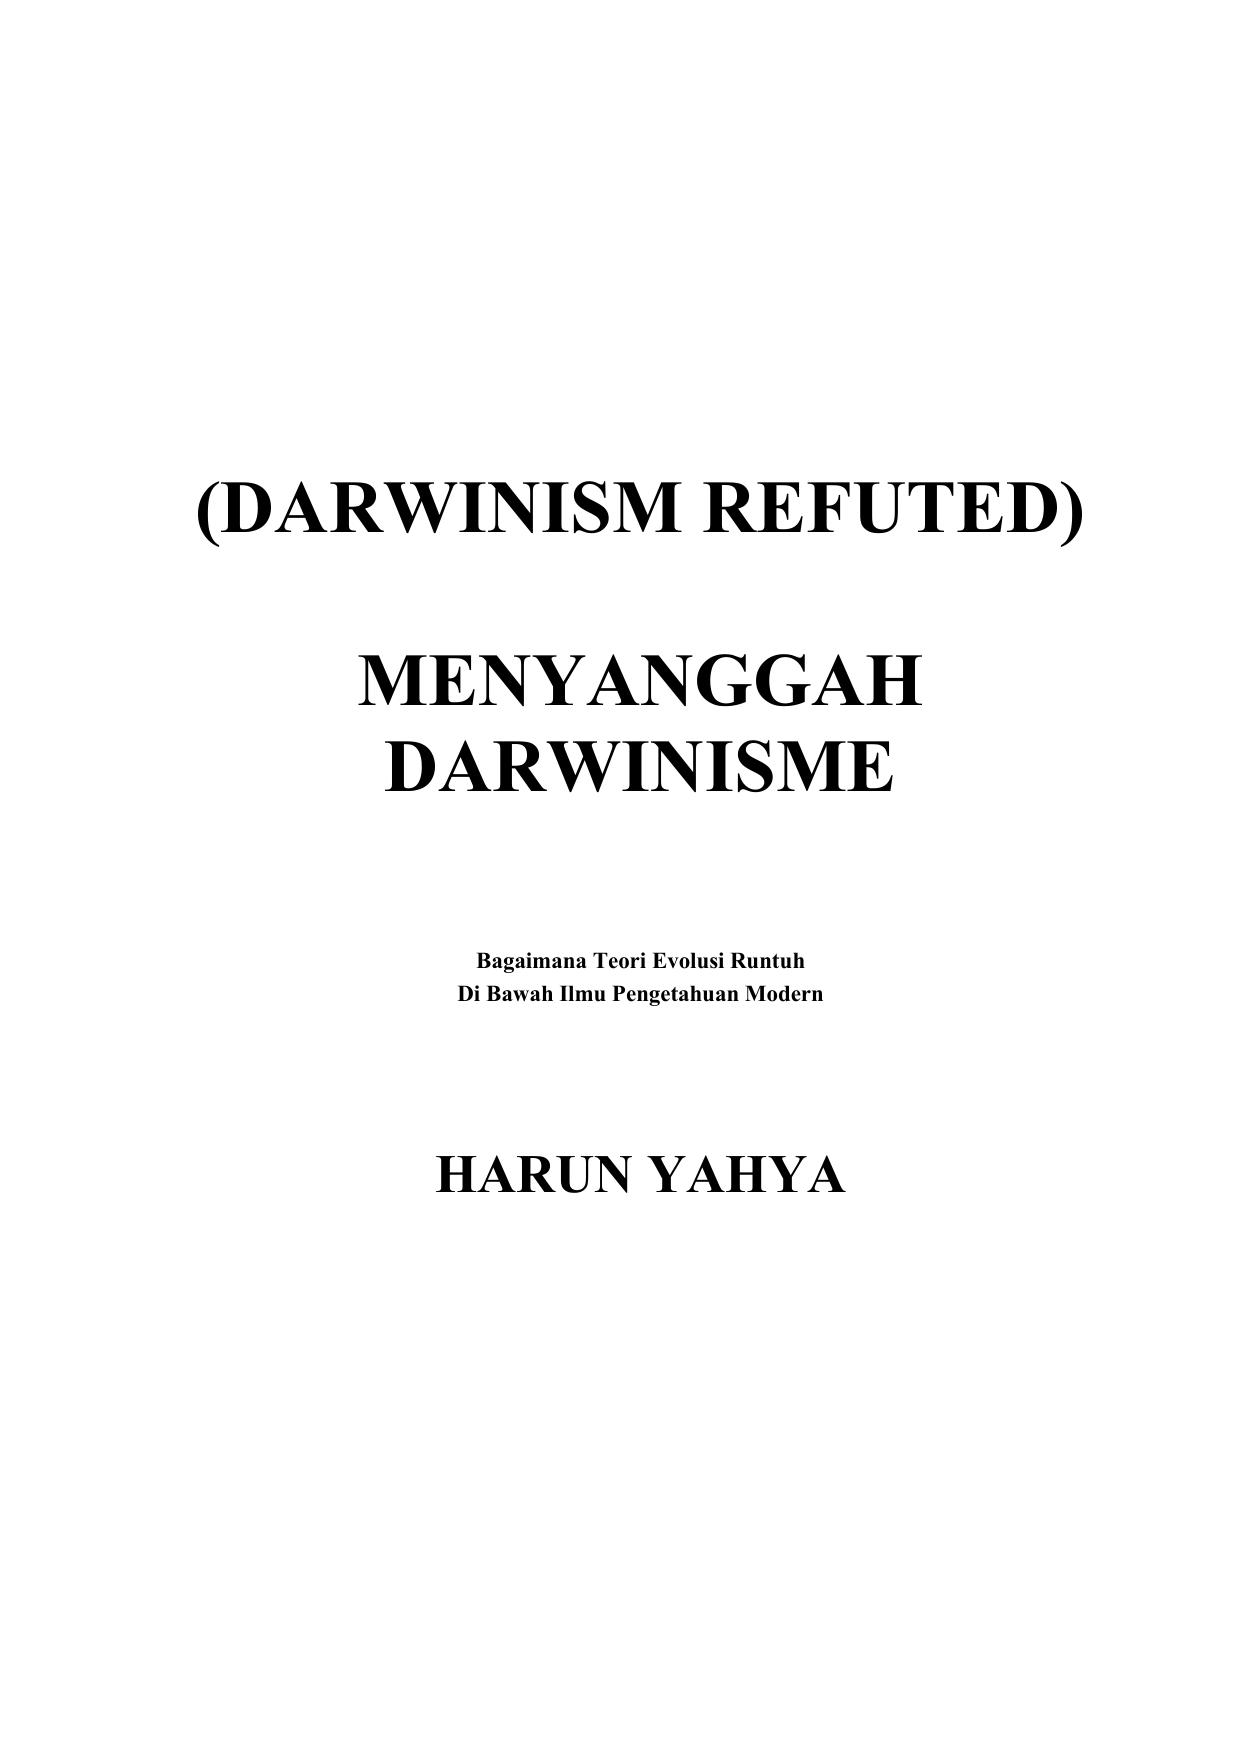 Menyanggah Darwinisme Rtf